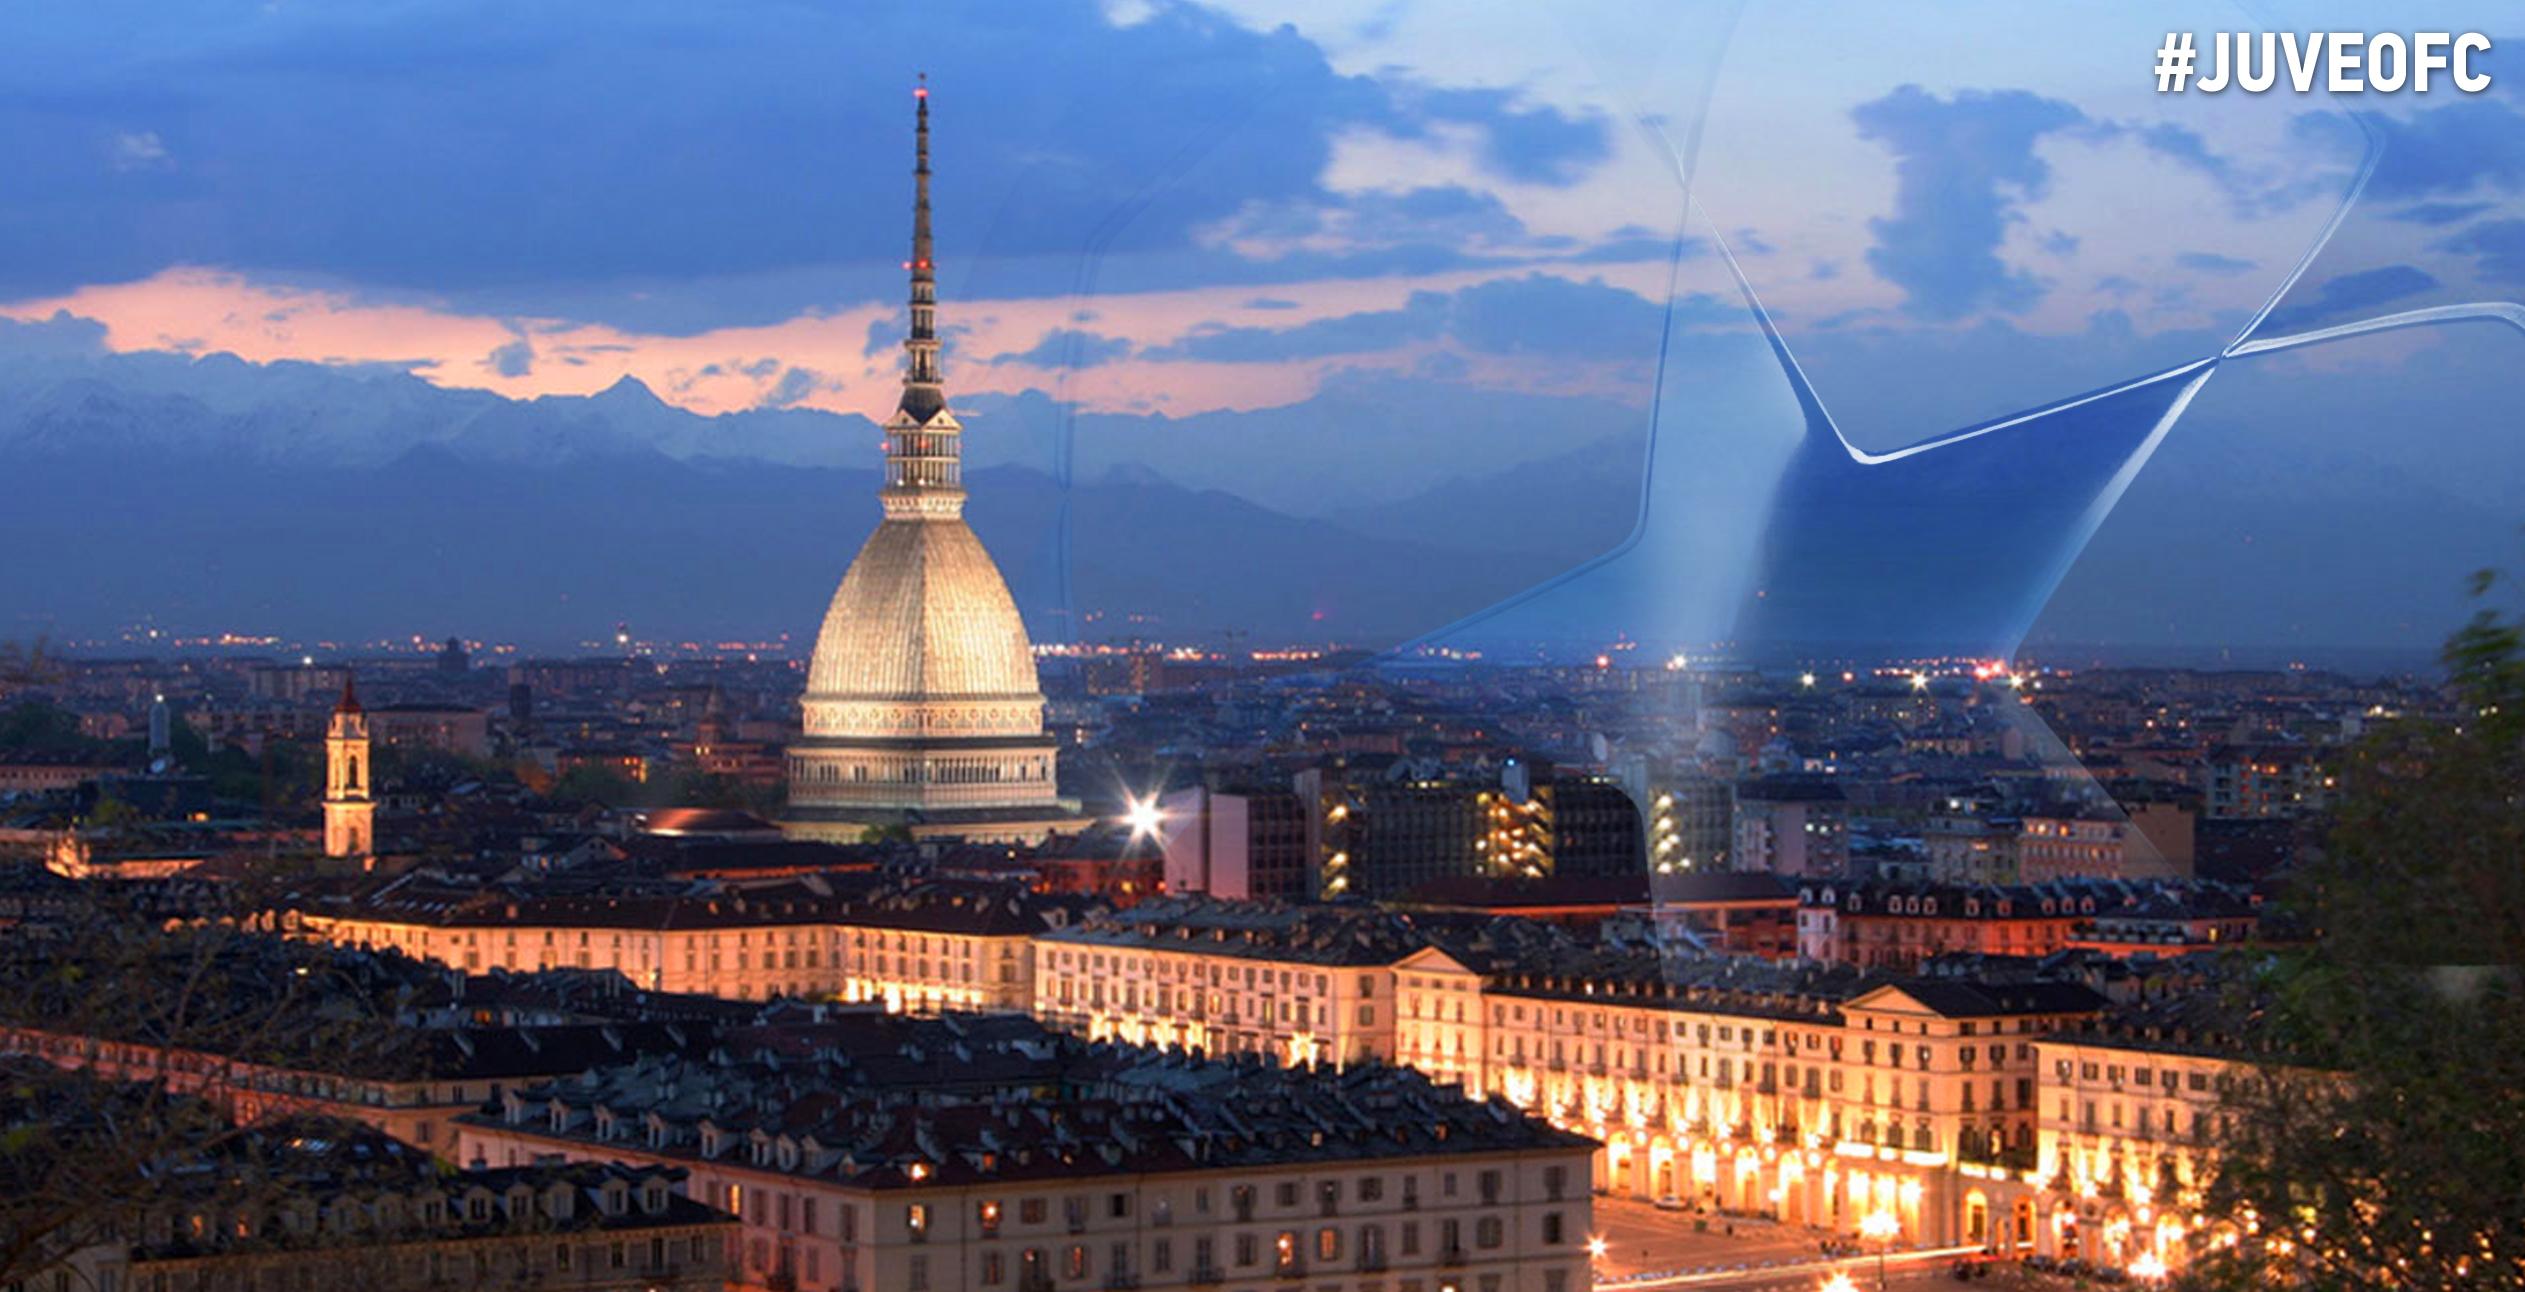 Η πόλη του Τορίνο! - ΟΛΥΜΠΙΑΚΟΣ - Olympiacos.org